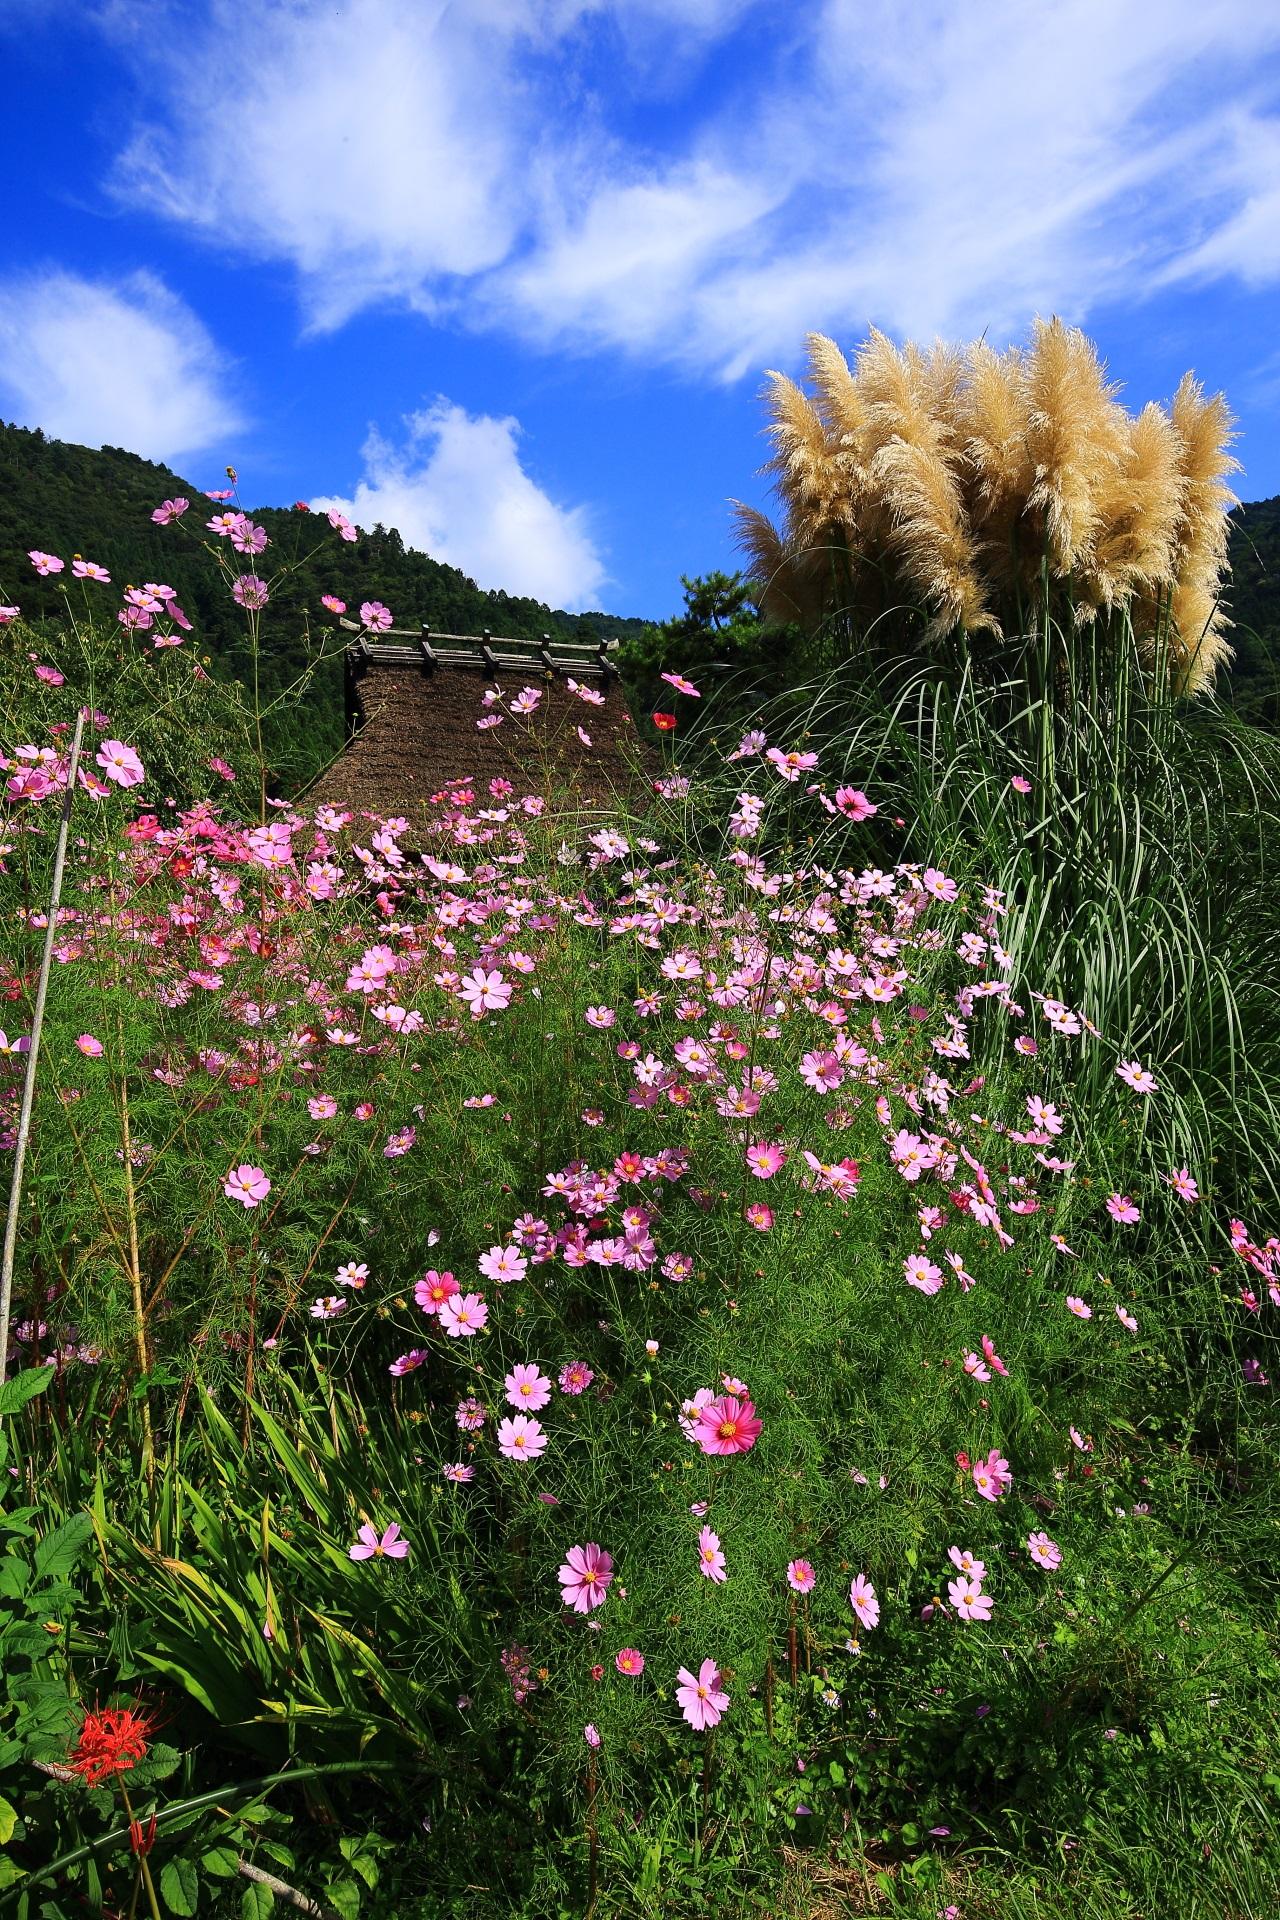 かやぶきの里の素晴らしいコスモスや花々と初秋の情景